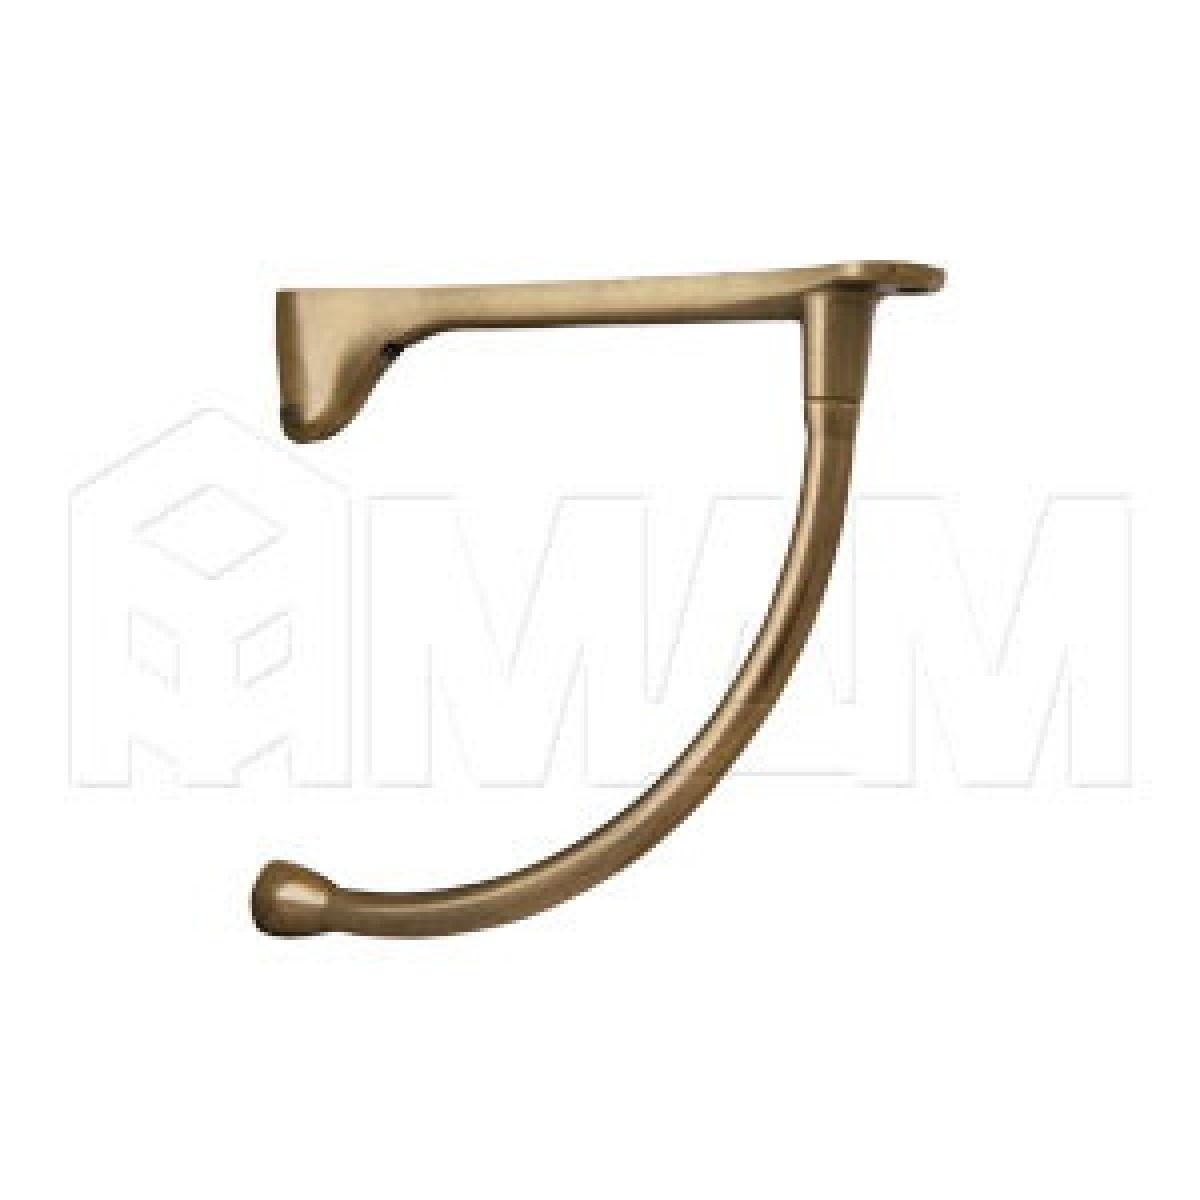 Менсолодержатель для деревянных полок L-230 мм, бронза патинированная (2 шт.)